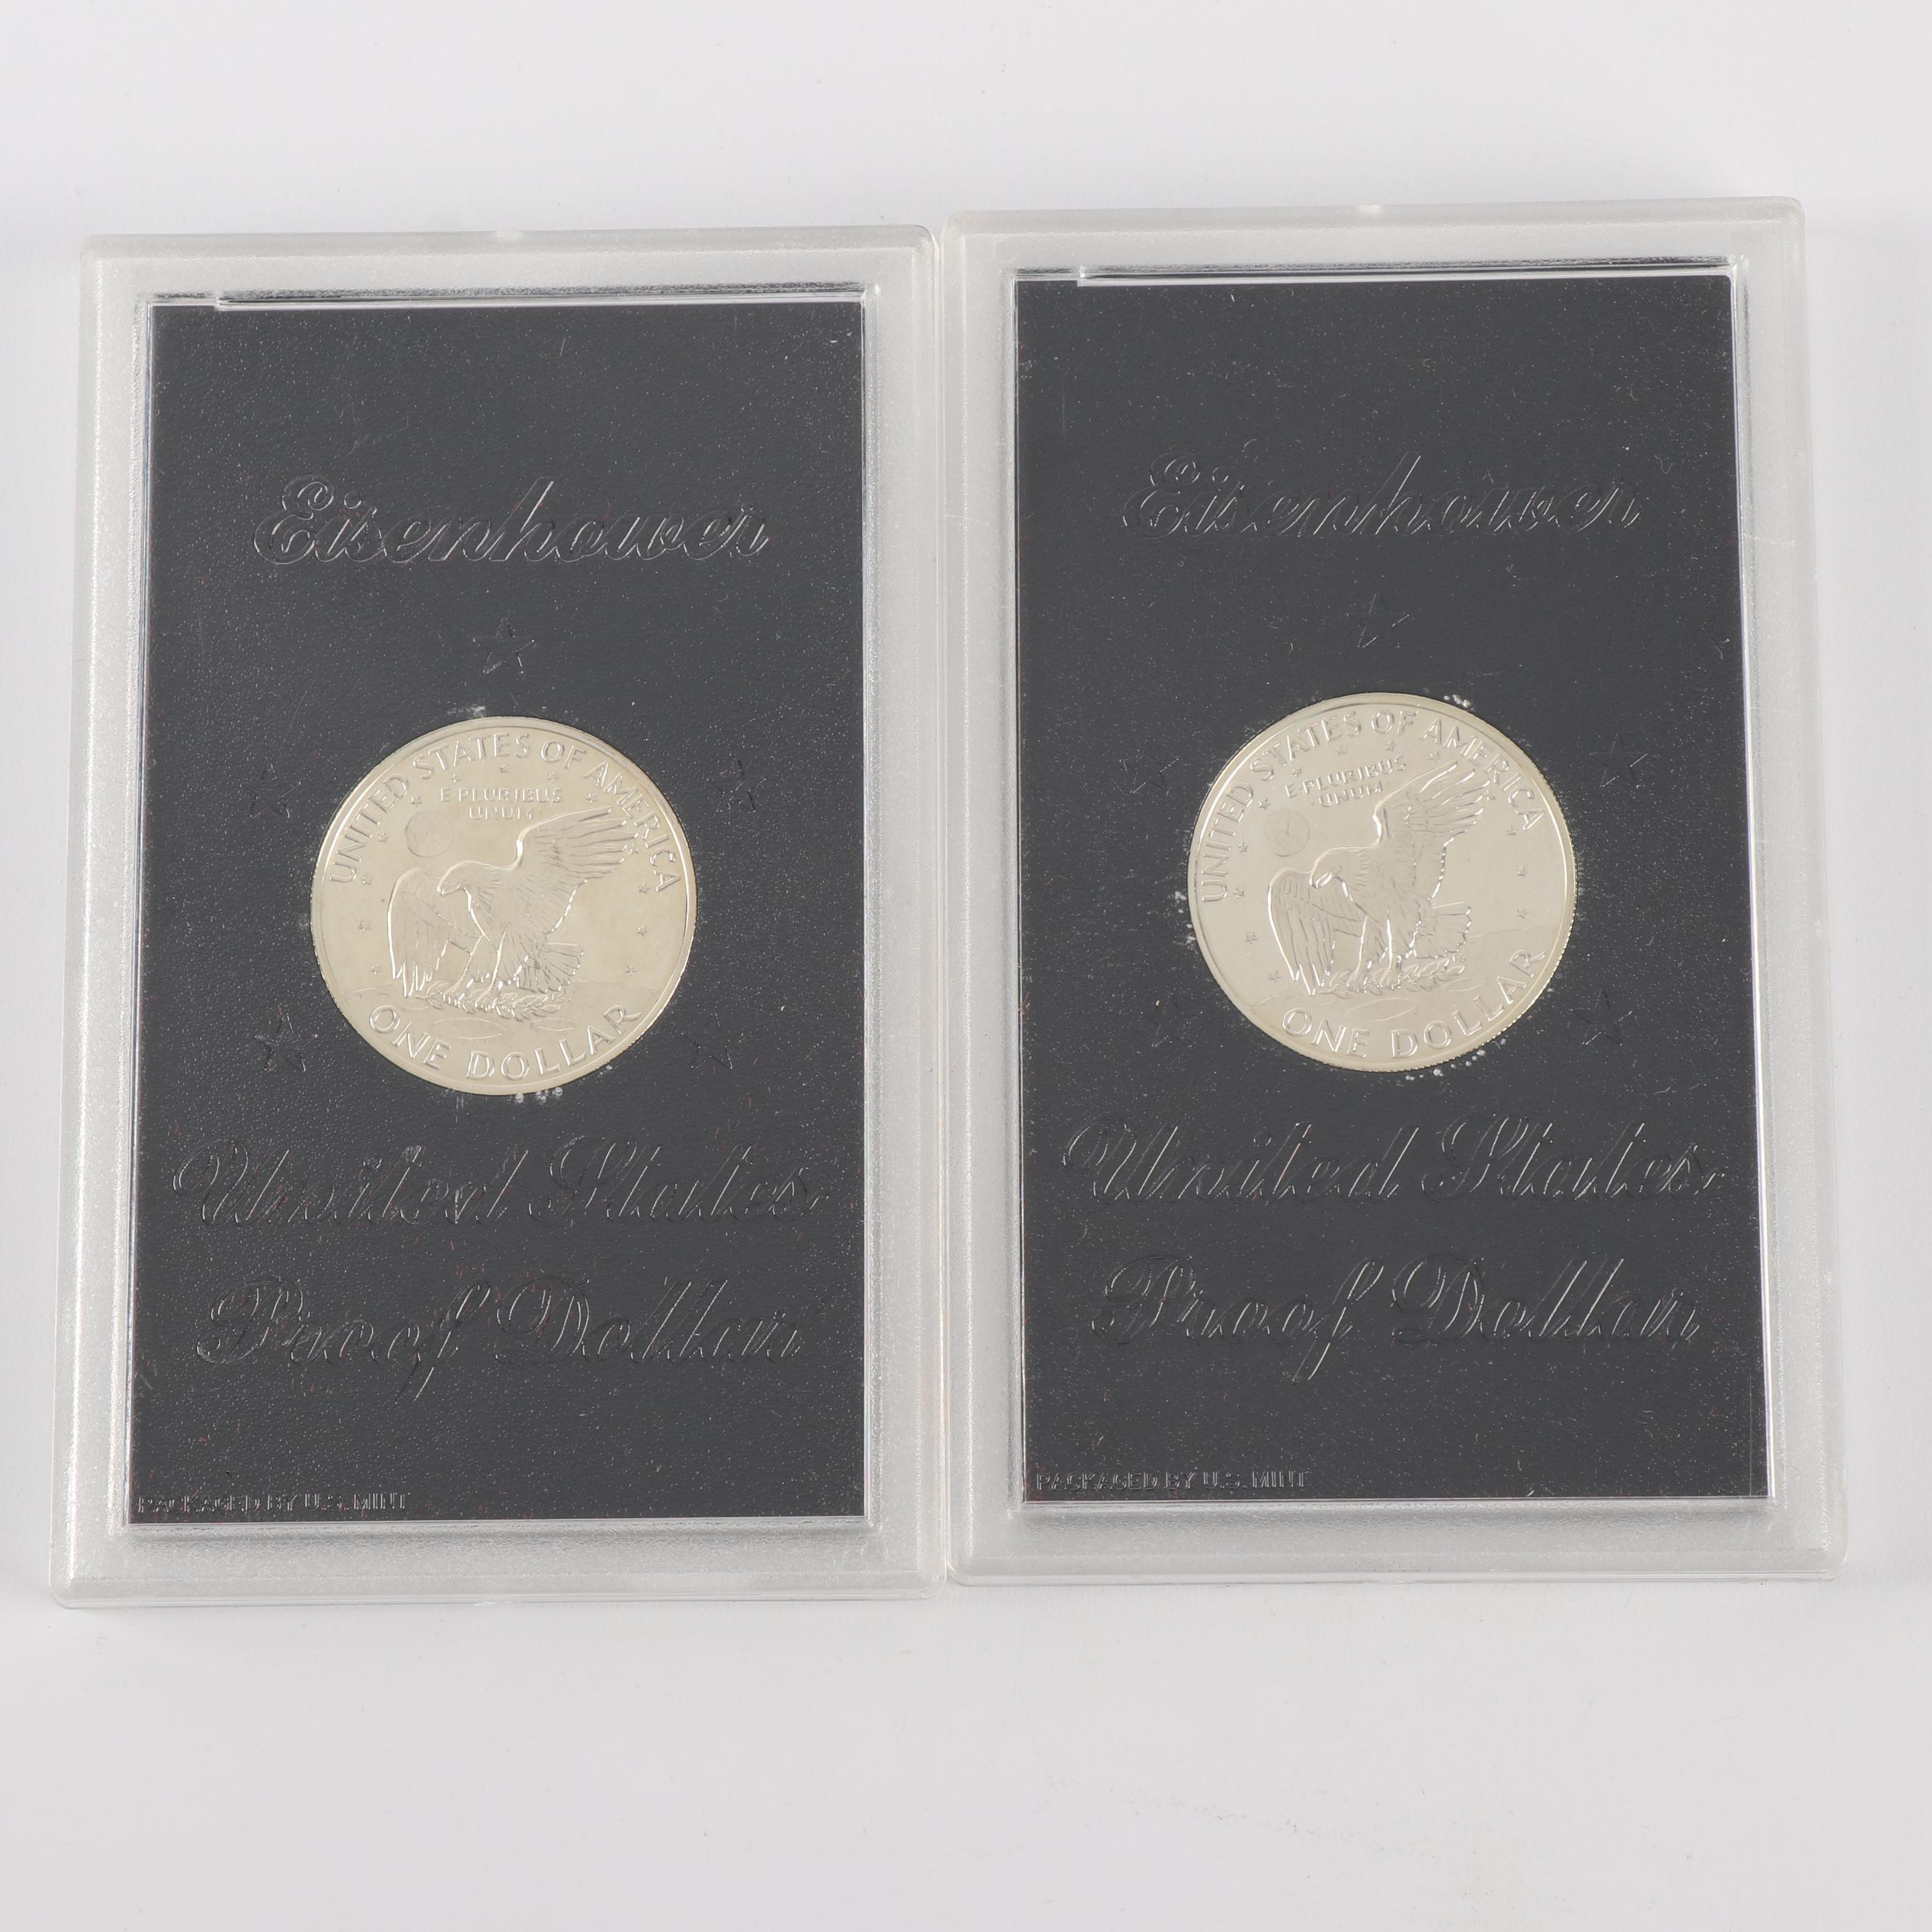 Pair of 1971 Eisenhower Silver Proof Dollars